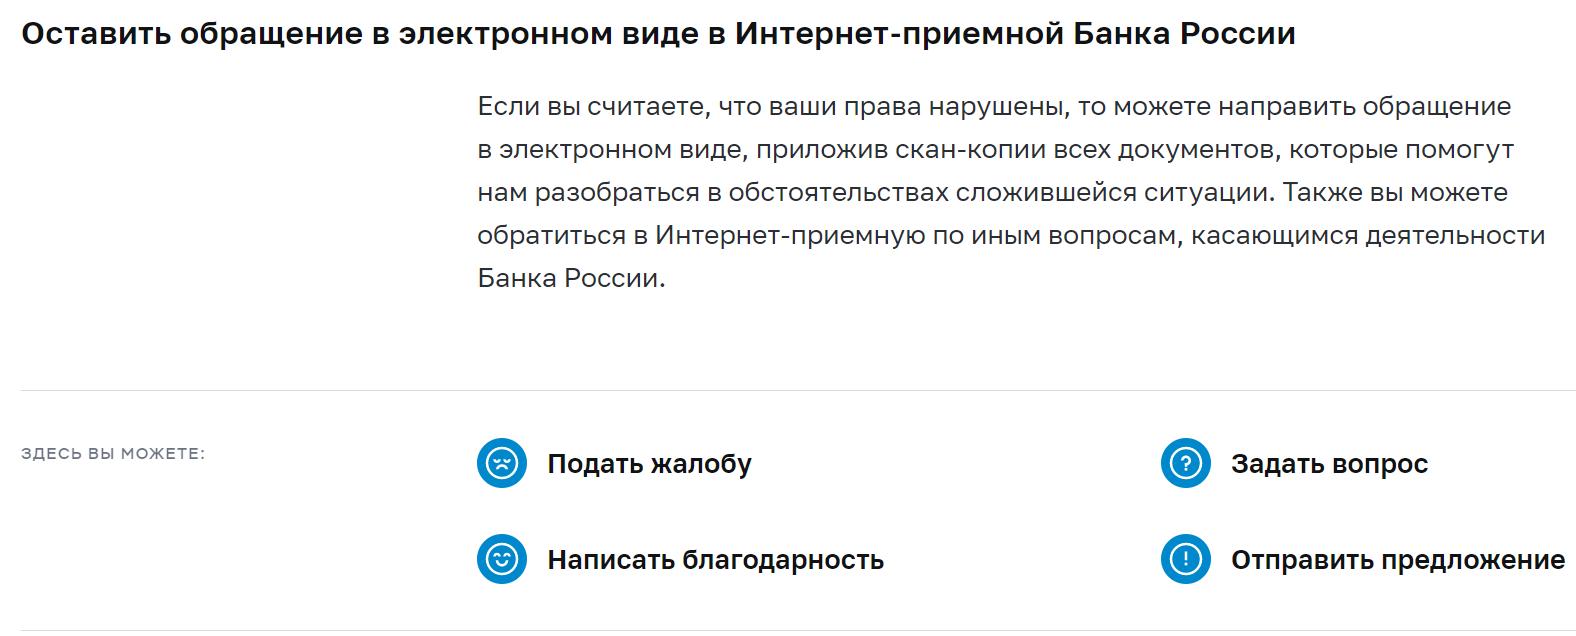 жалоба ЦБ РФ